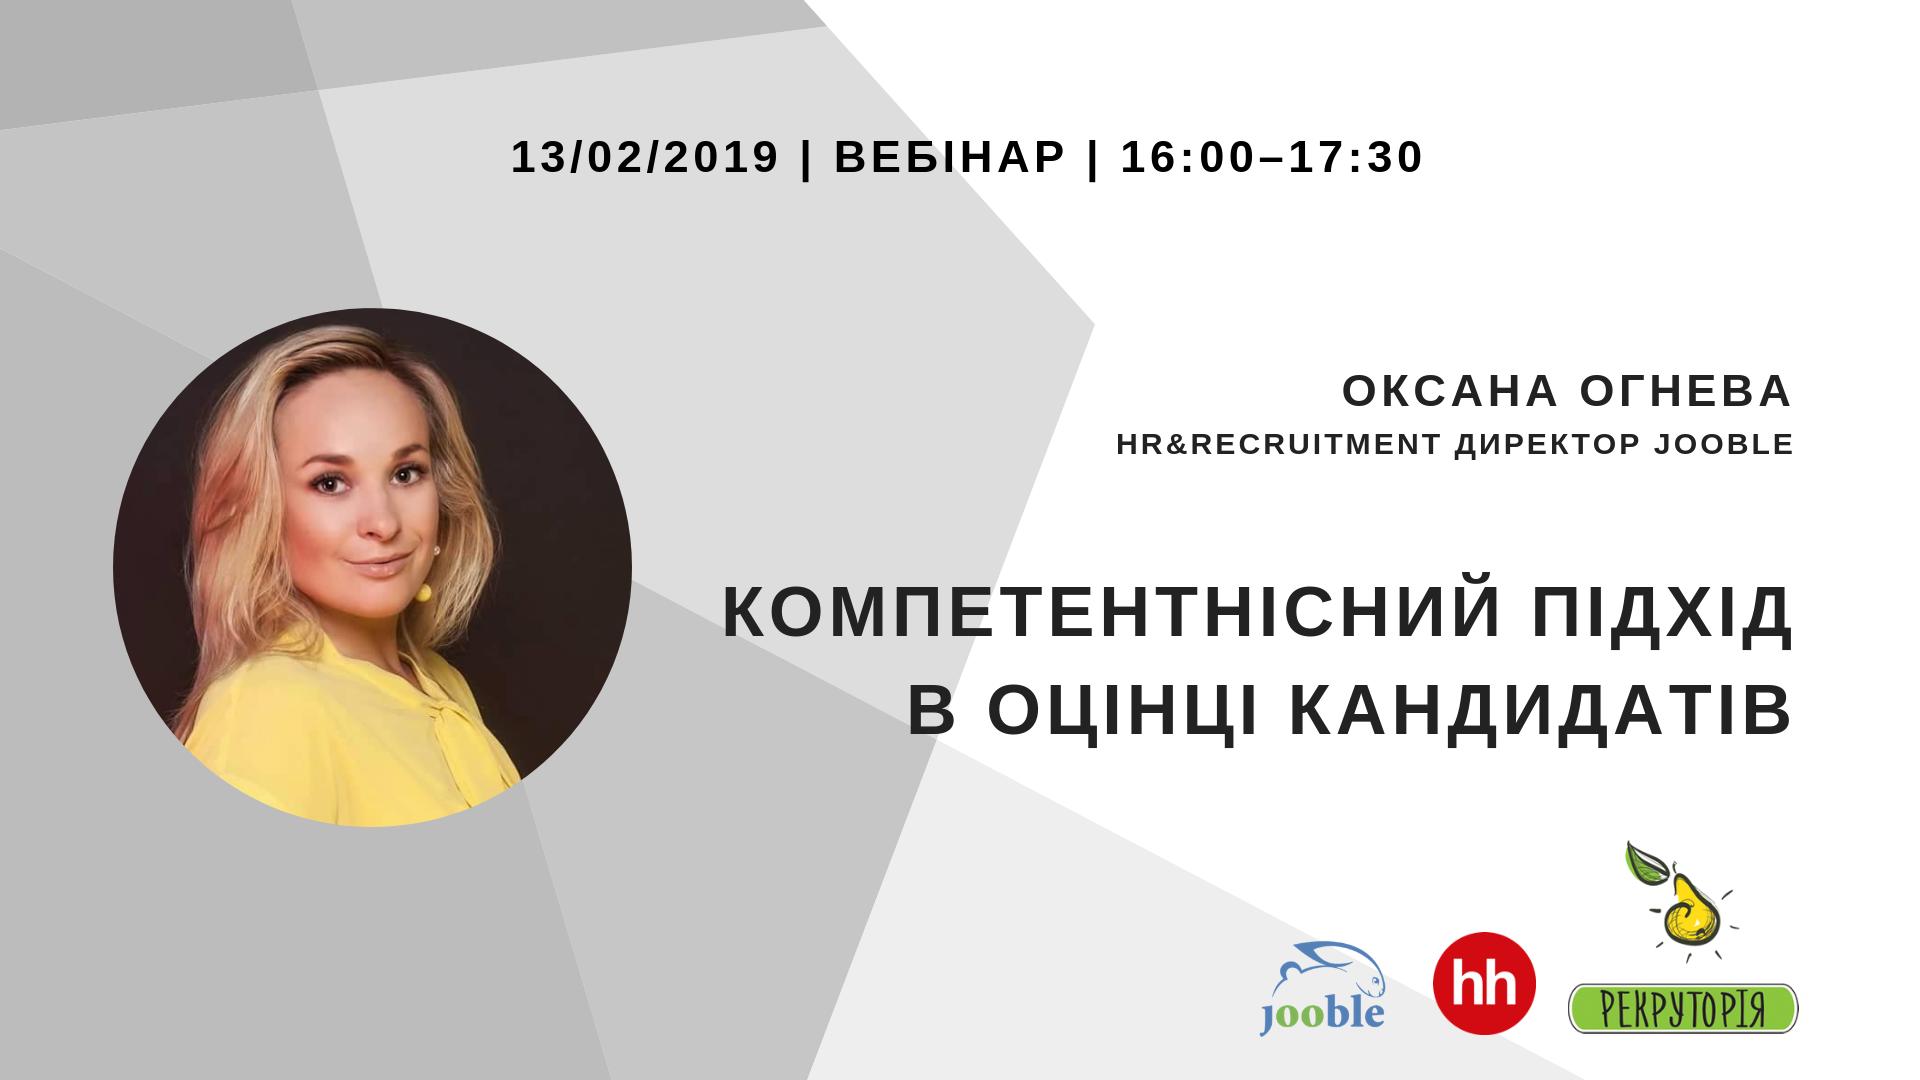 Вебінар «Компетентнісний підхід в оцінці кандидатів» – 13.02.2019